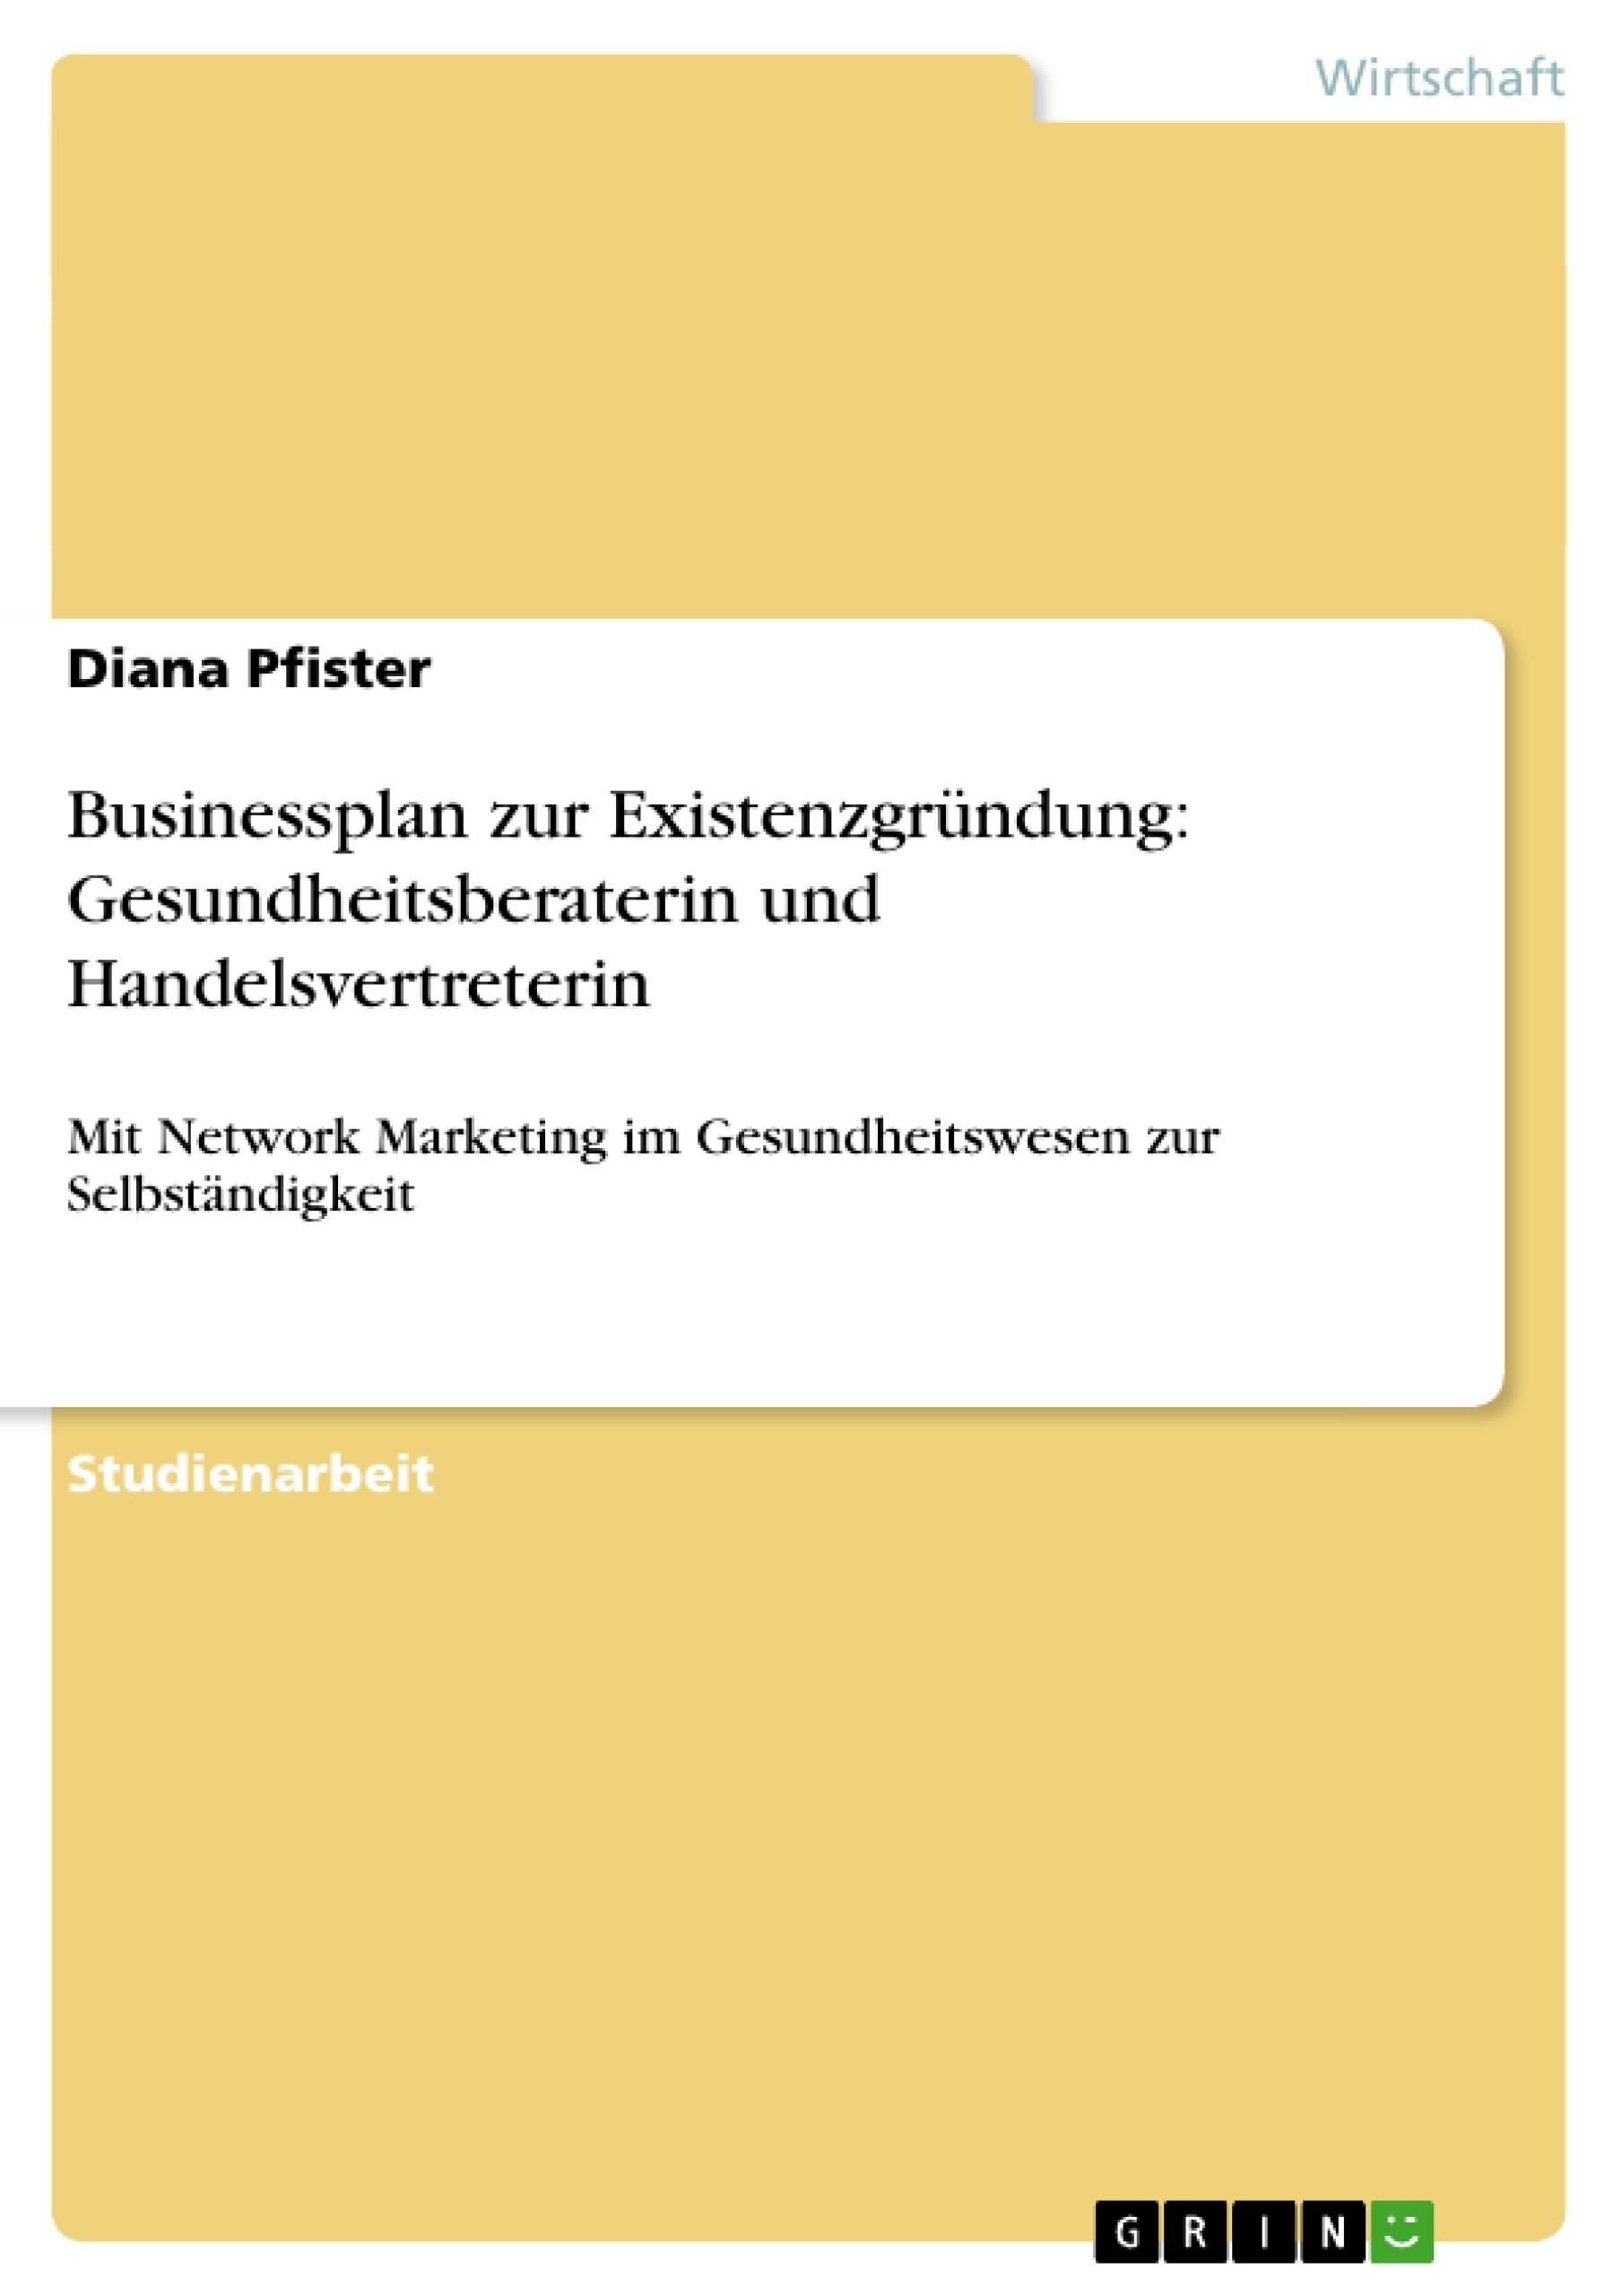 Titel: Businessplan zur Existenzgründung: Gesundheitsberaterin und Handelsvertreterin